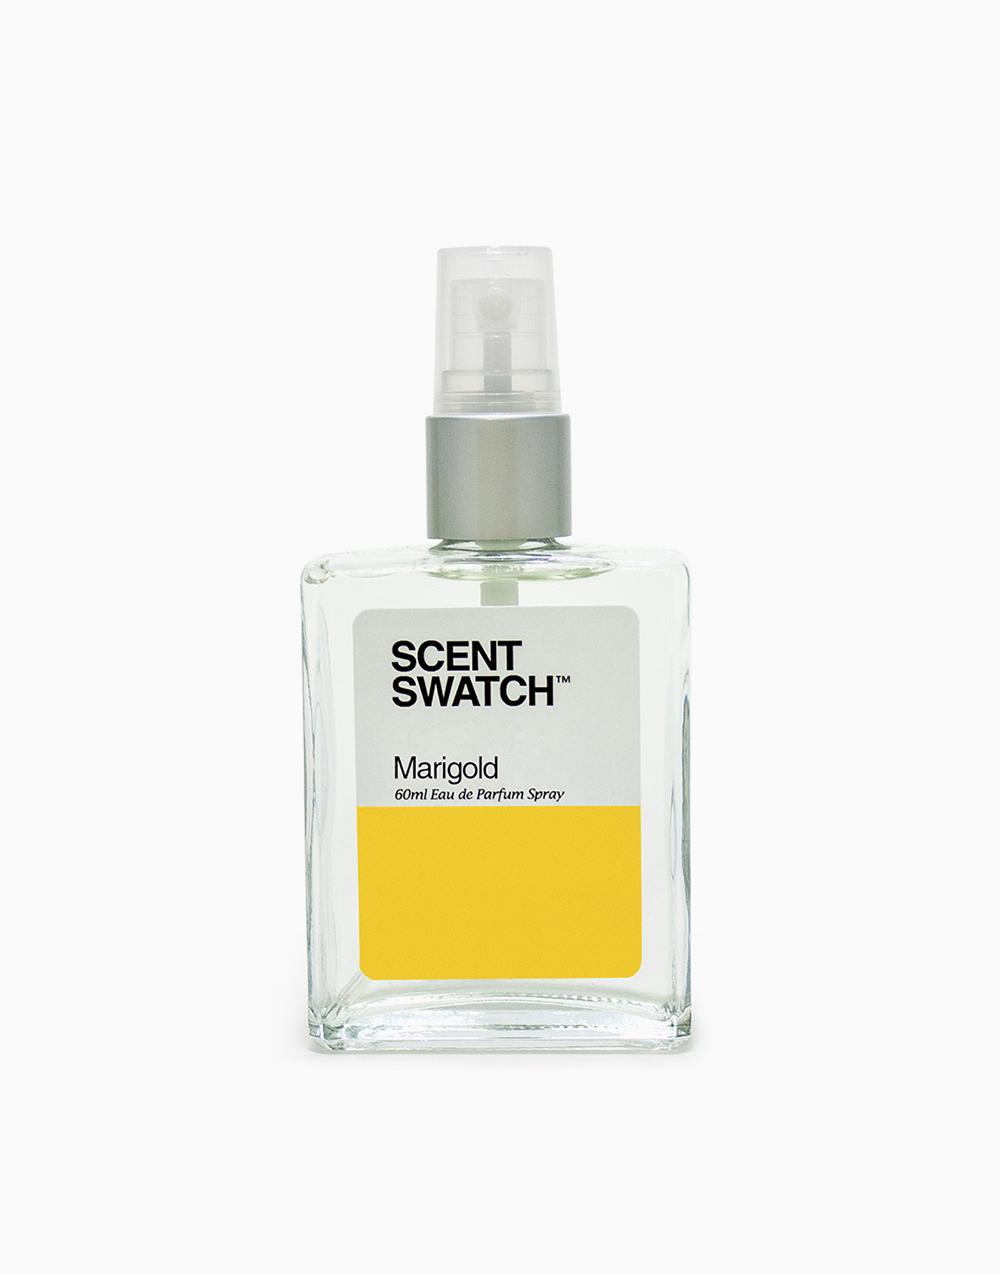 Marigold Eau de Parfum (60ml) by Scent Swatch